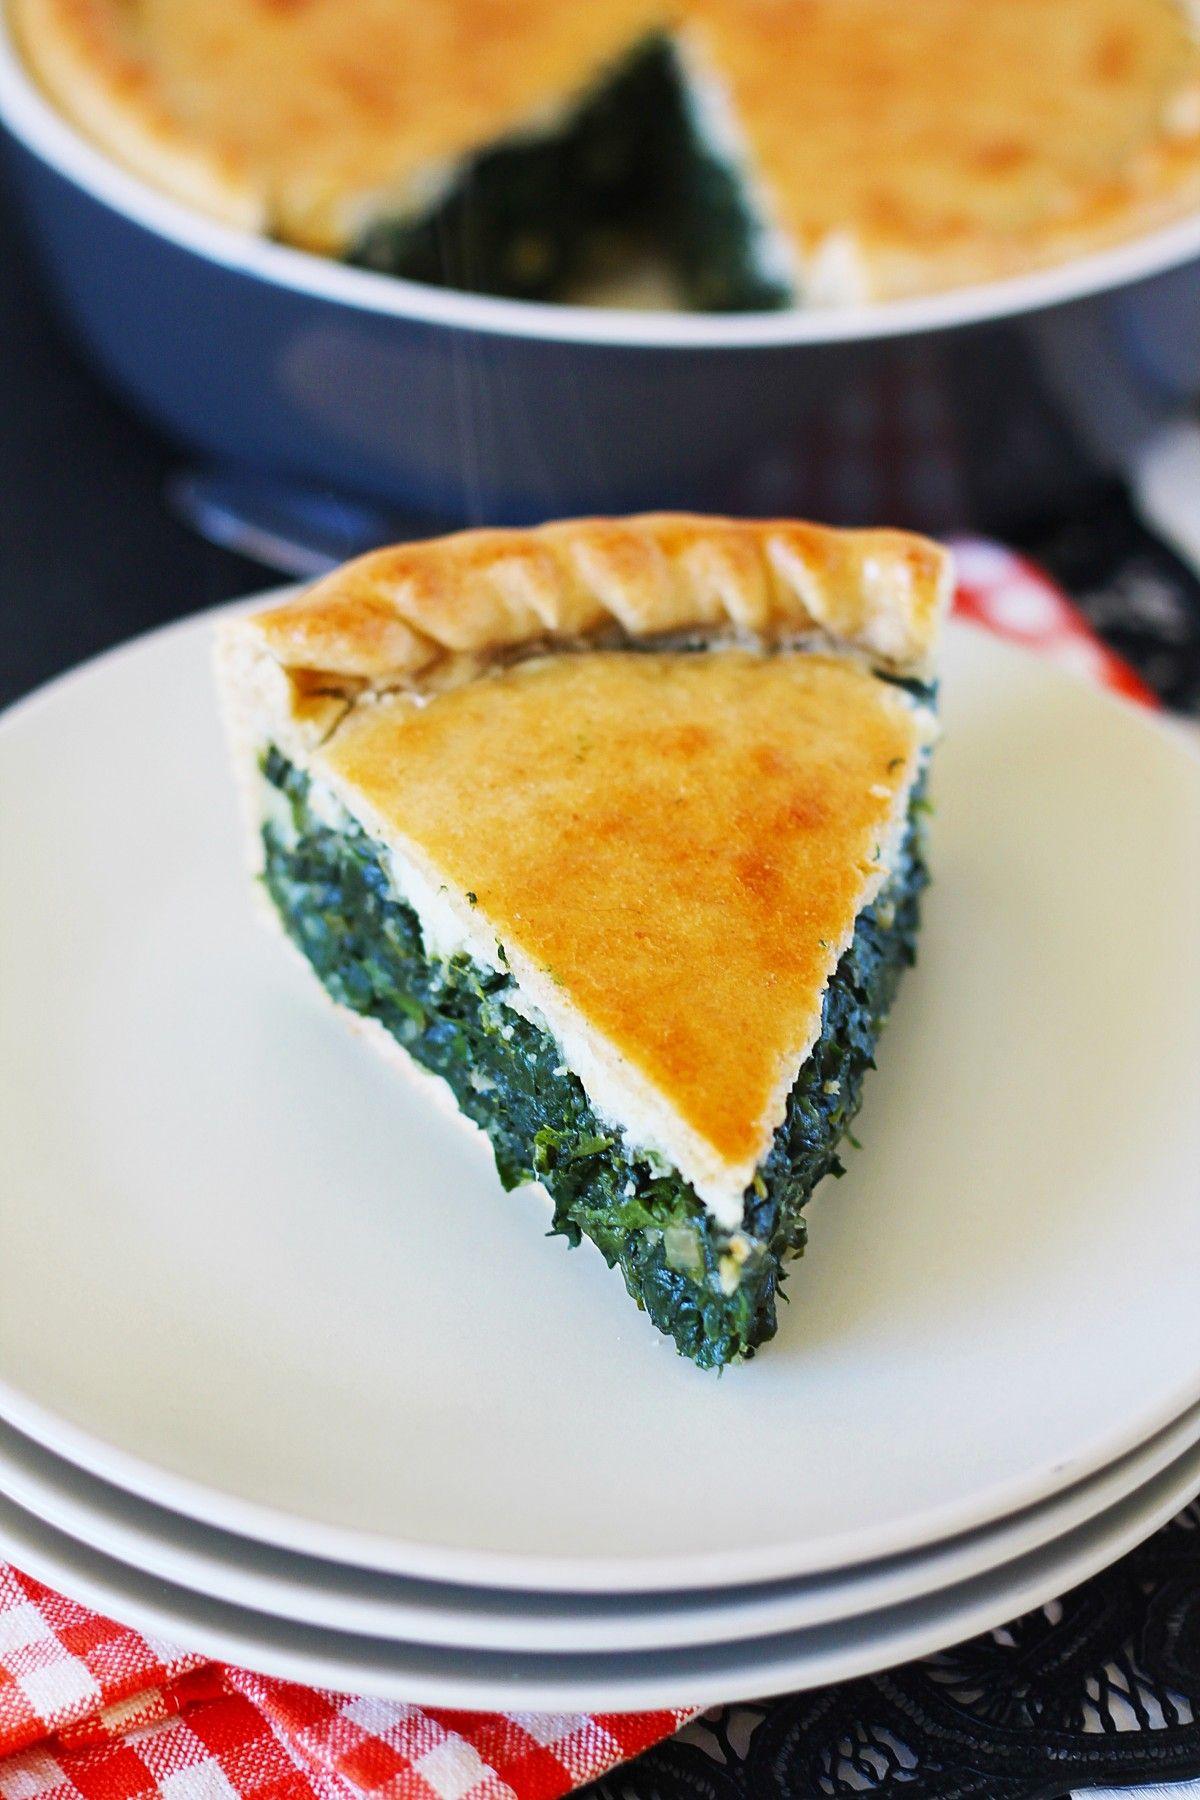 Blog de recetas vegetarianas y consejos saludables